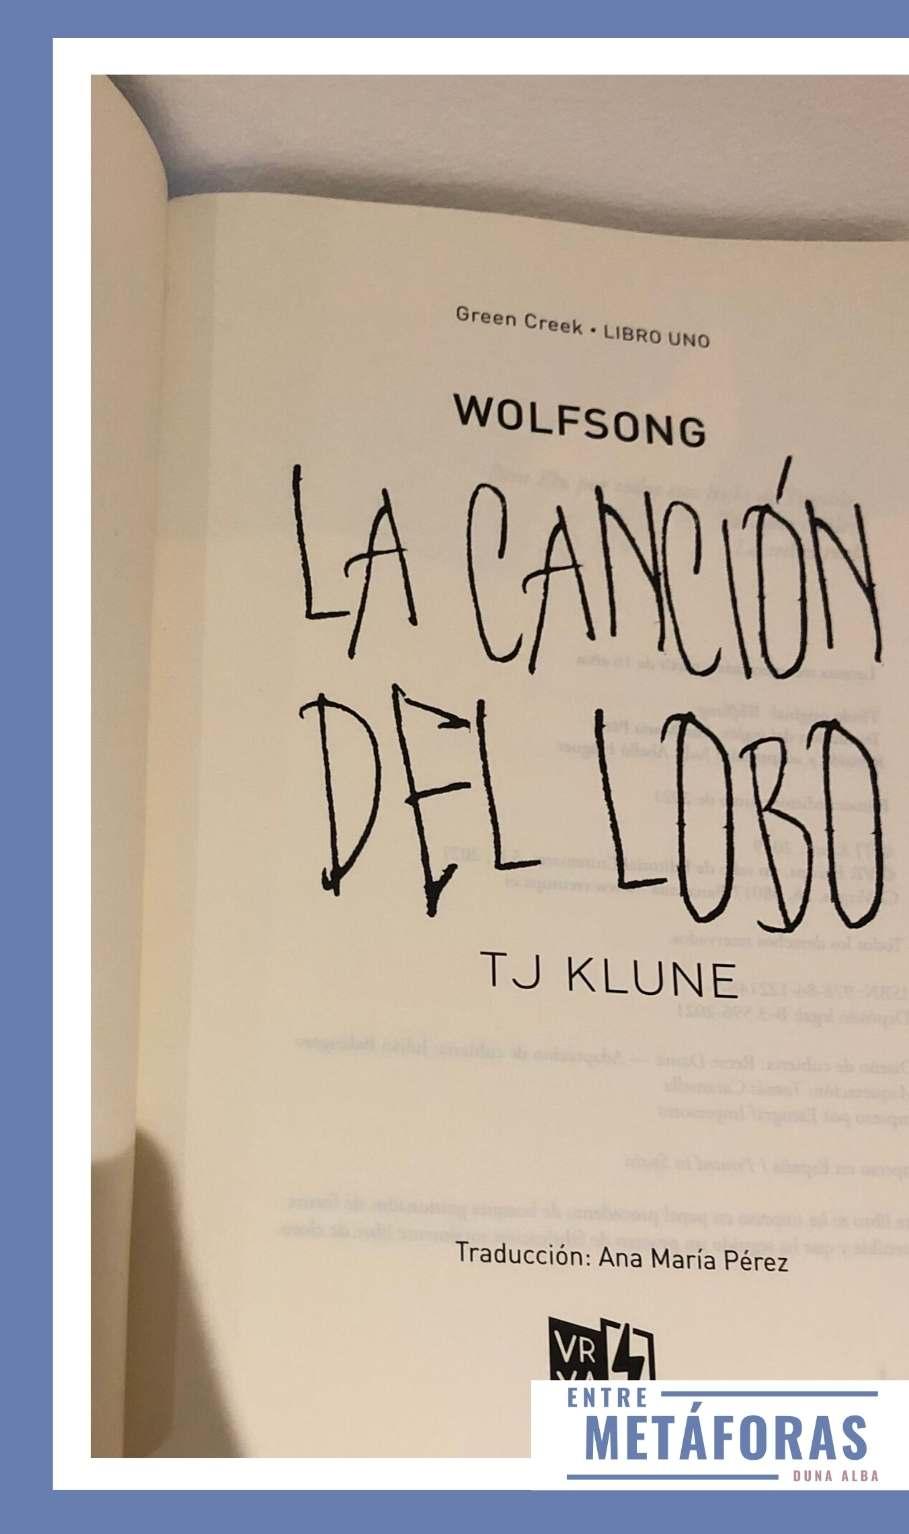 La canción del lobo, de TJ Klune